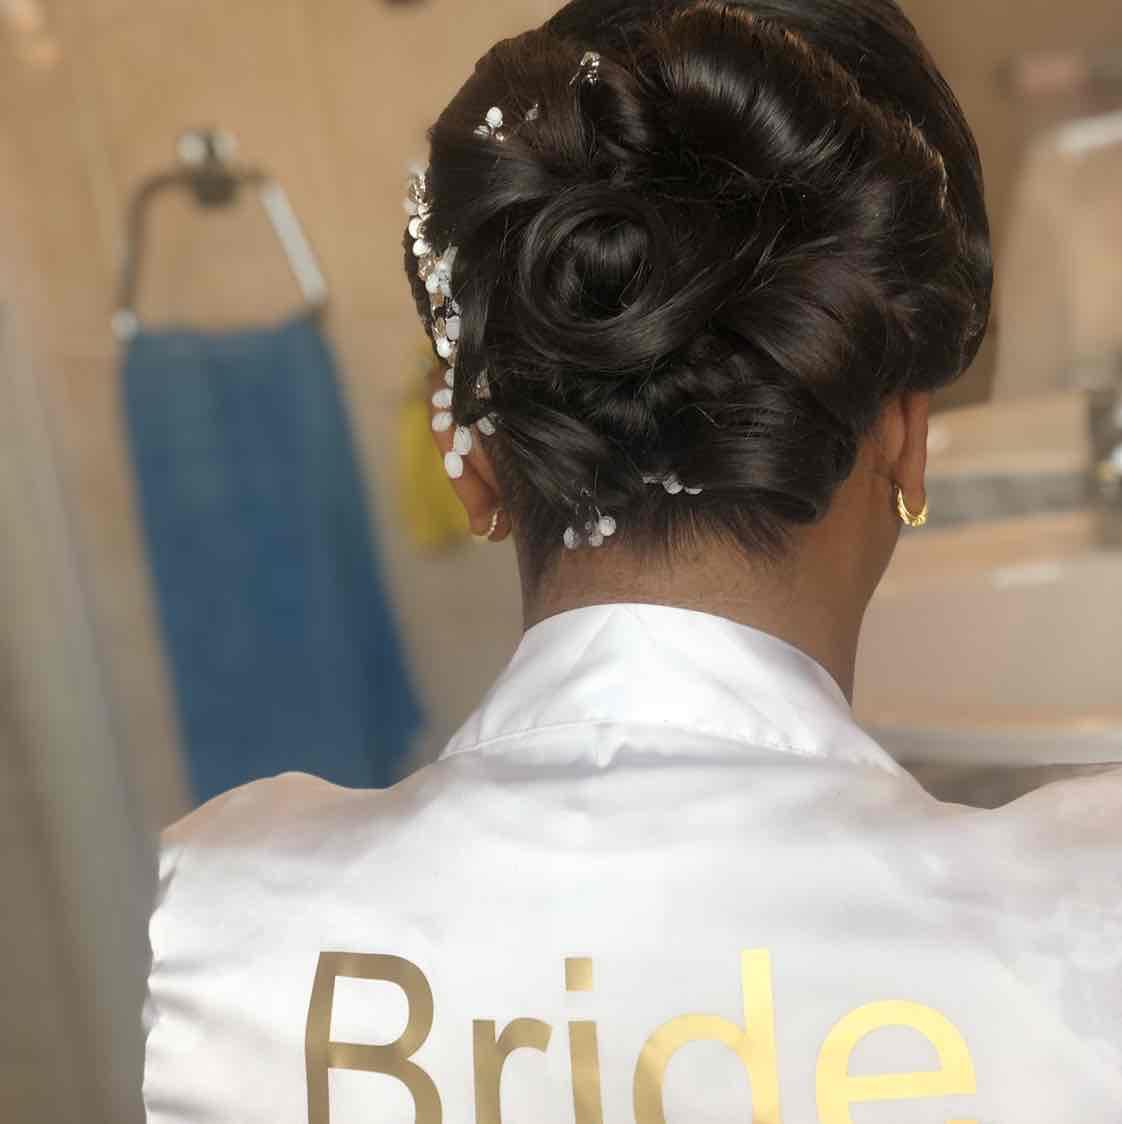 salon de coiffure afro tresse tresses box braids crochet braids vanilles tissages paris 75 77 78 91 92 93 94 95 XROCLKOD